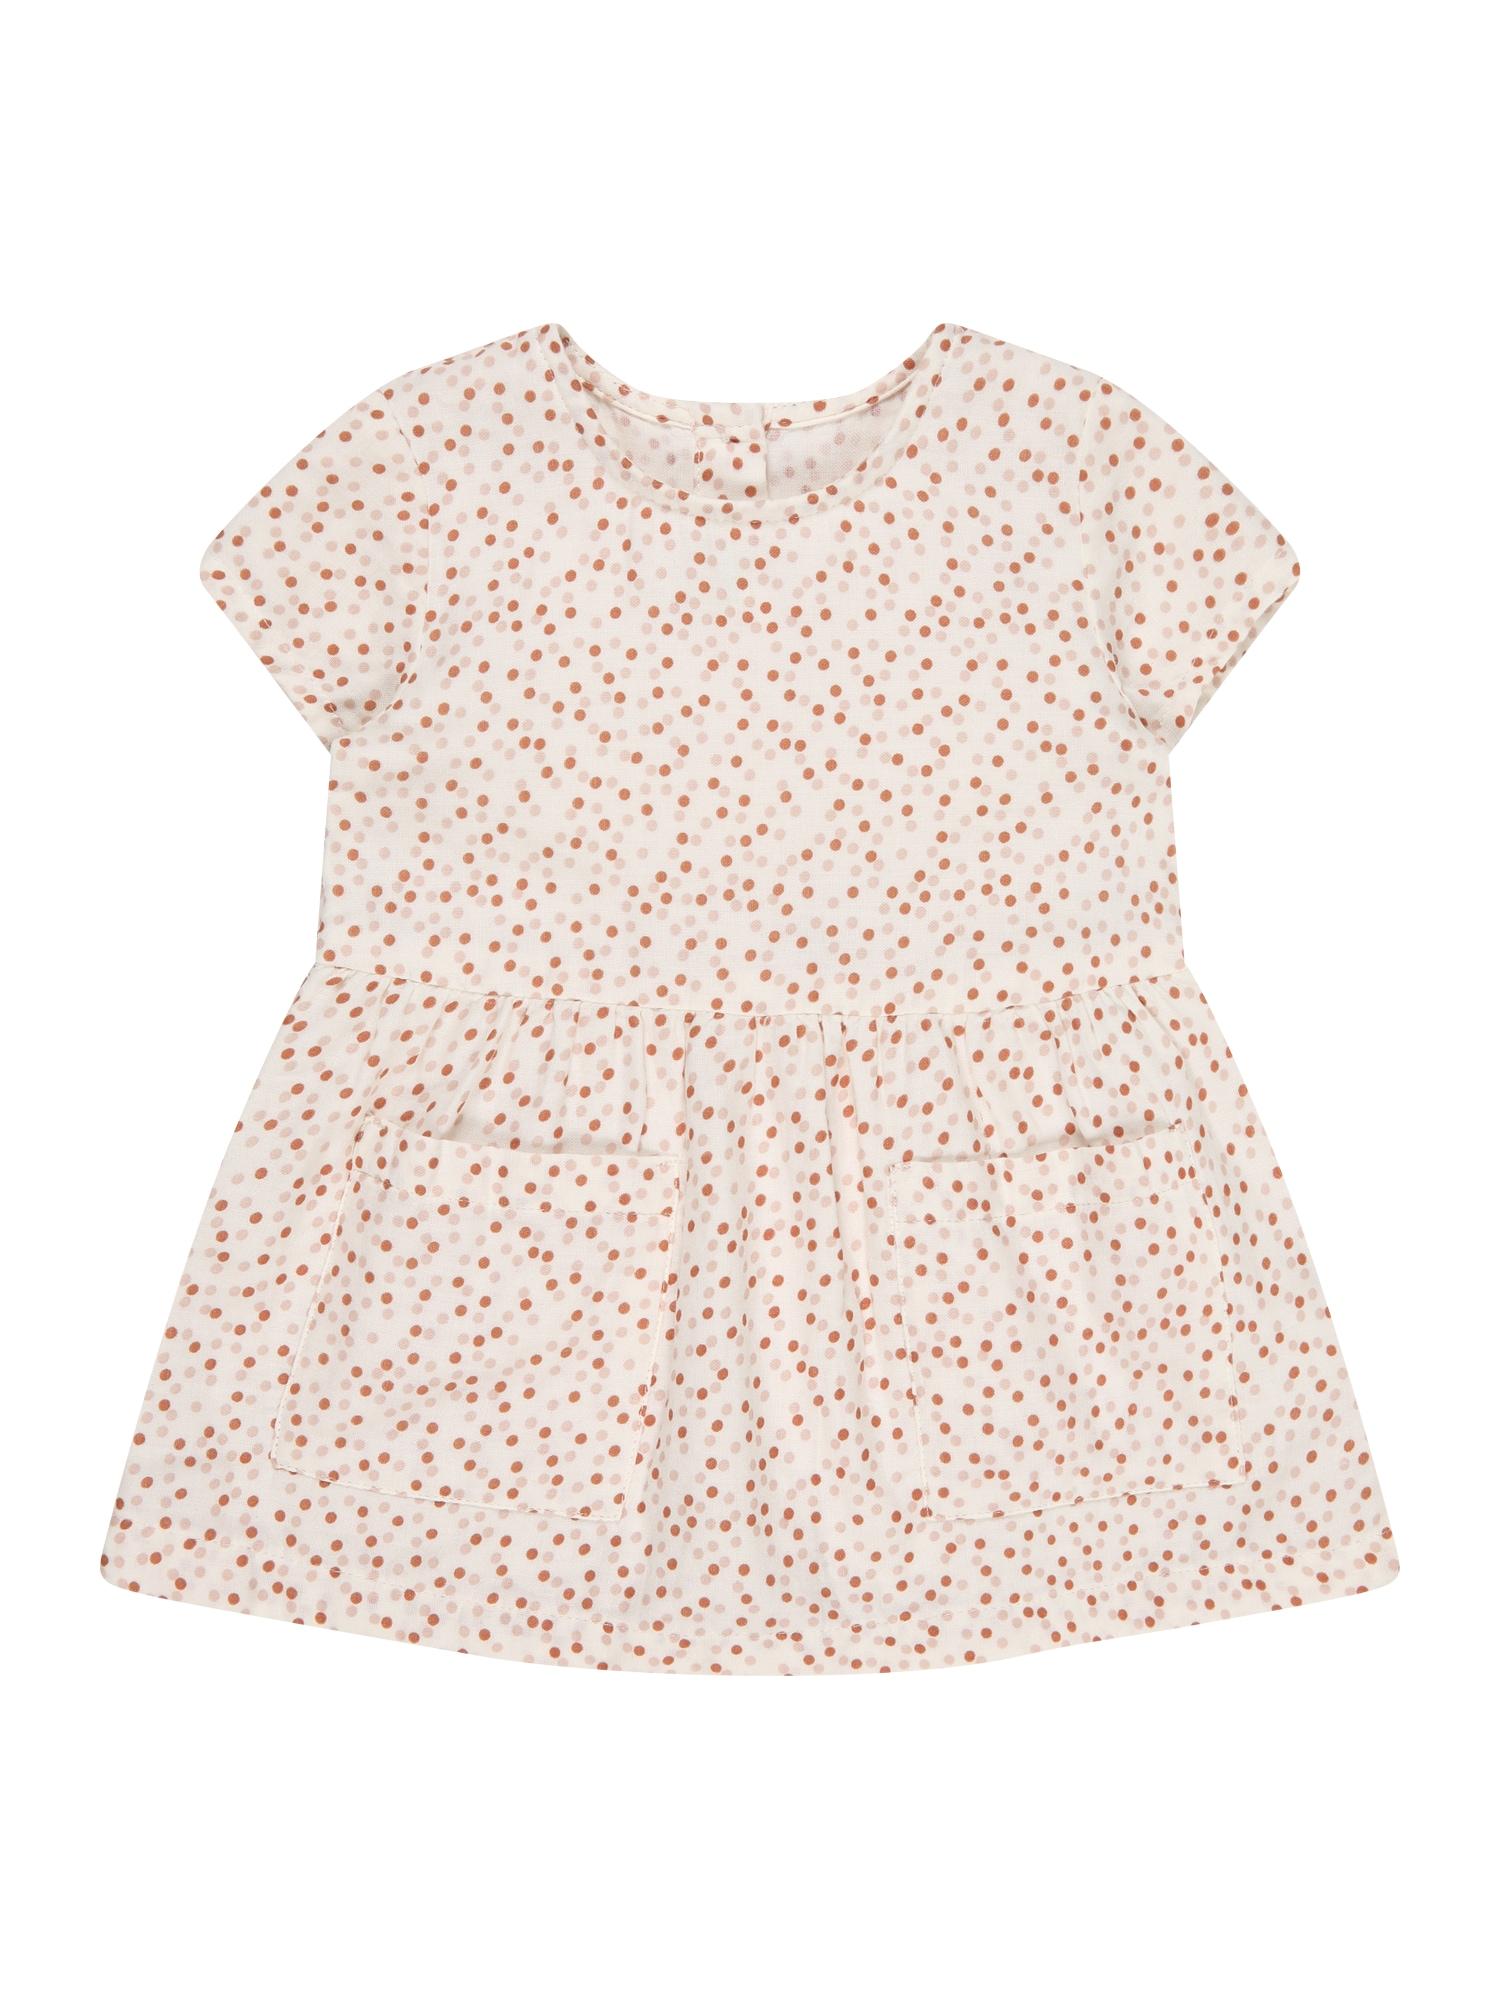 UNITED COLORS OF BENETTON Suknelė balta / raudona / ryškiai rožinė spalva